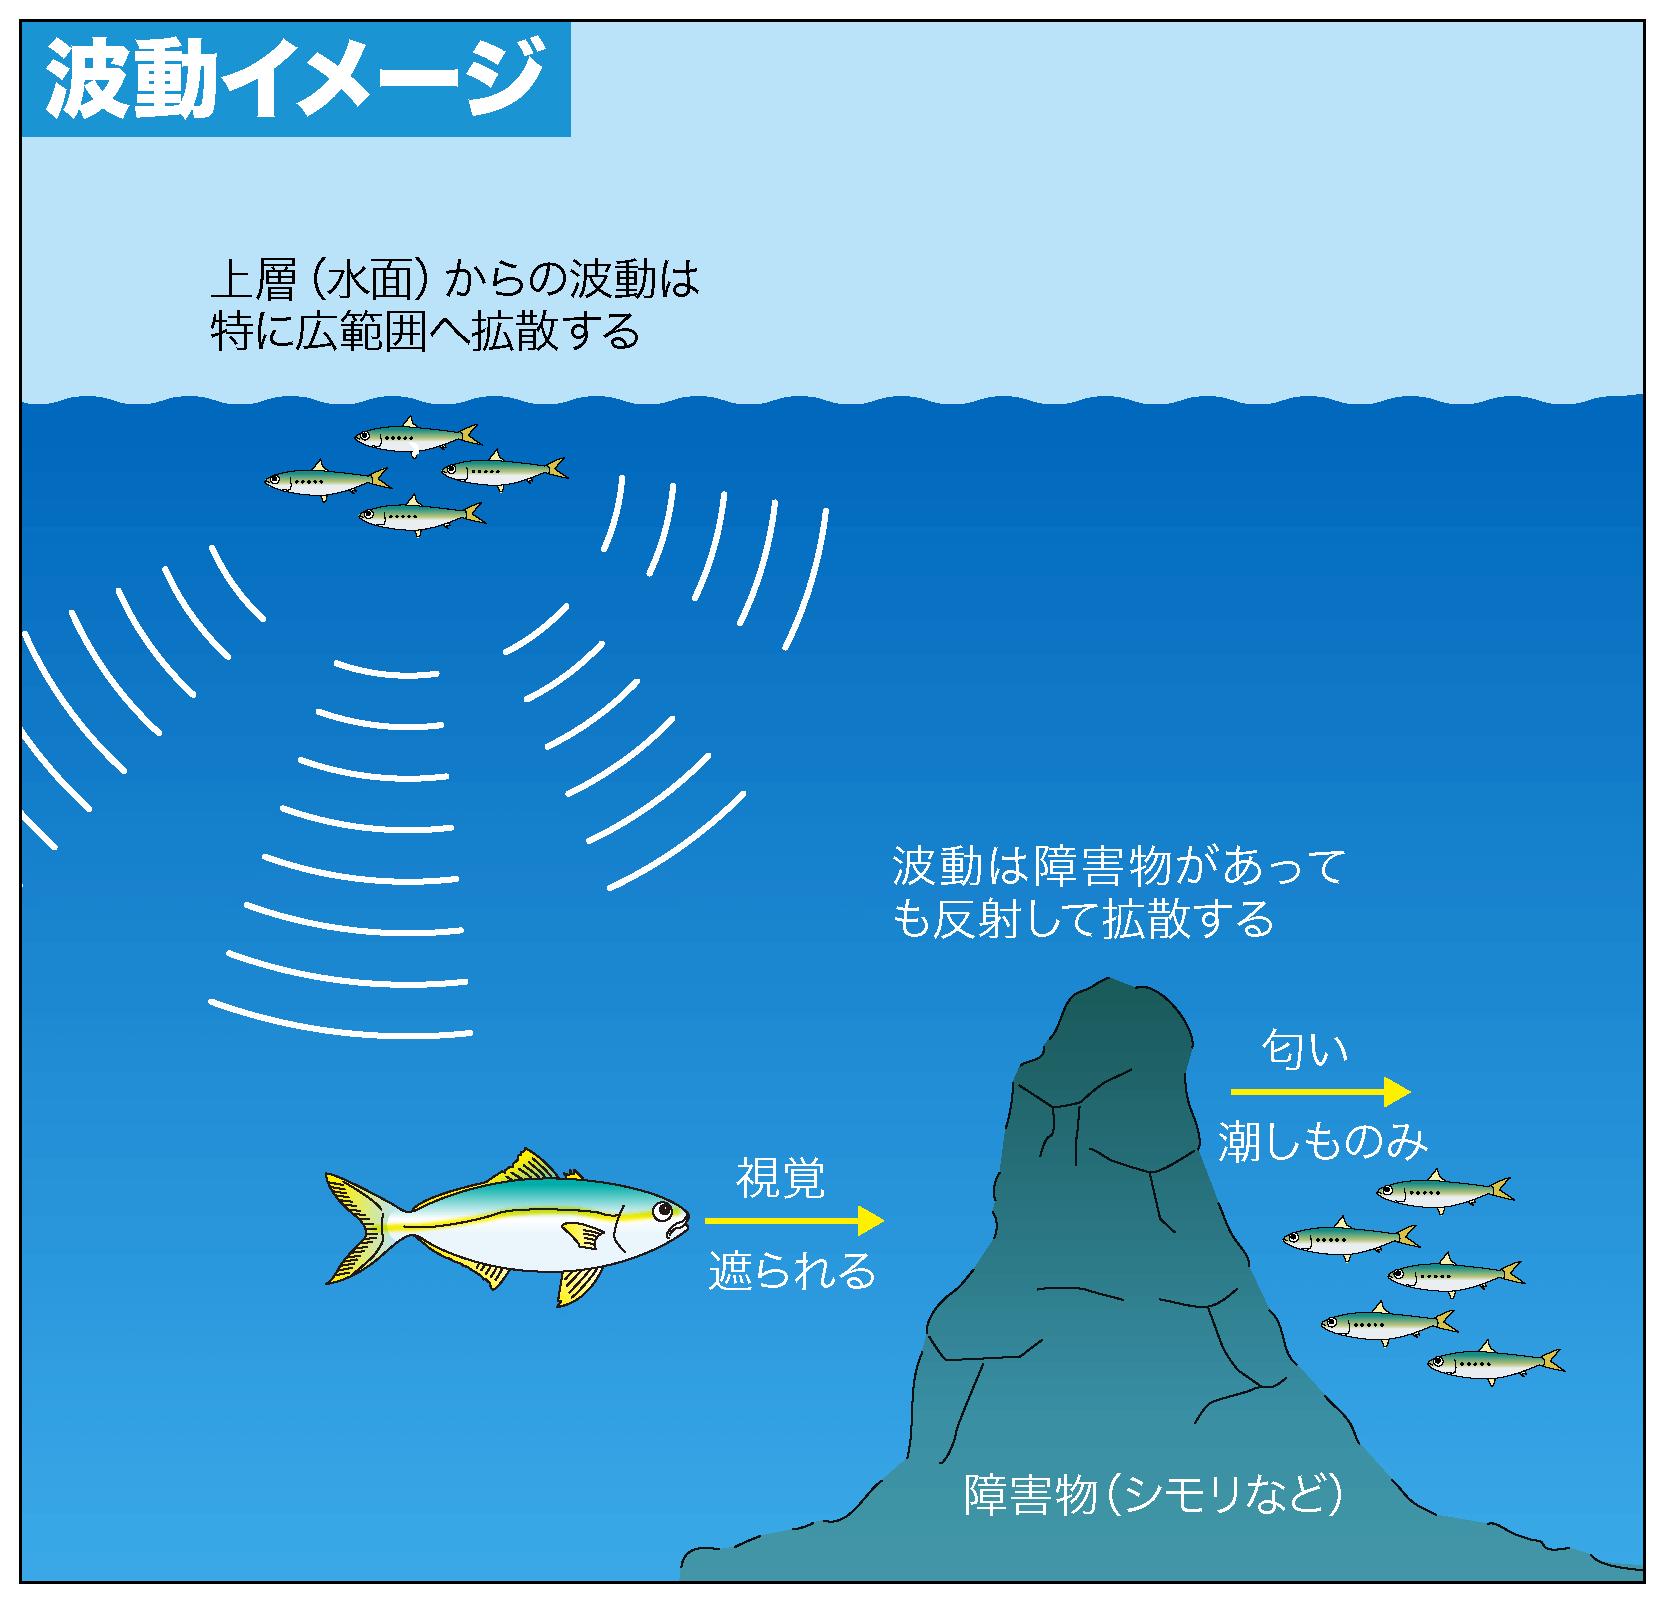 ショア青物ゲーム 波動2